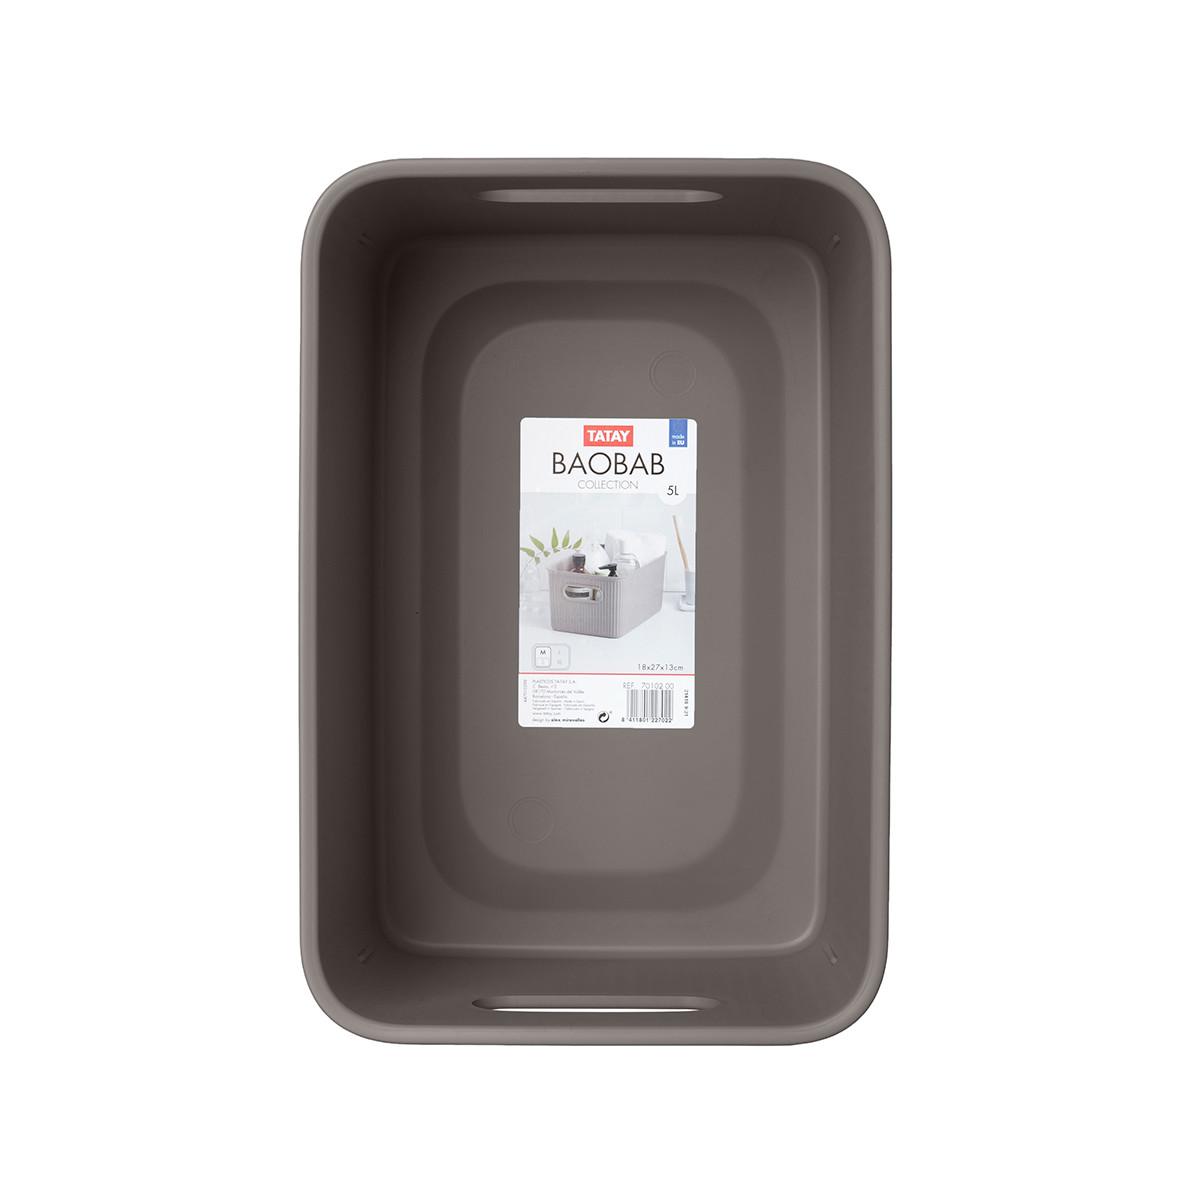 Κουτί Αποθήκευσης Tatay Baobab Small 70101.05 Brown